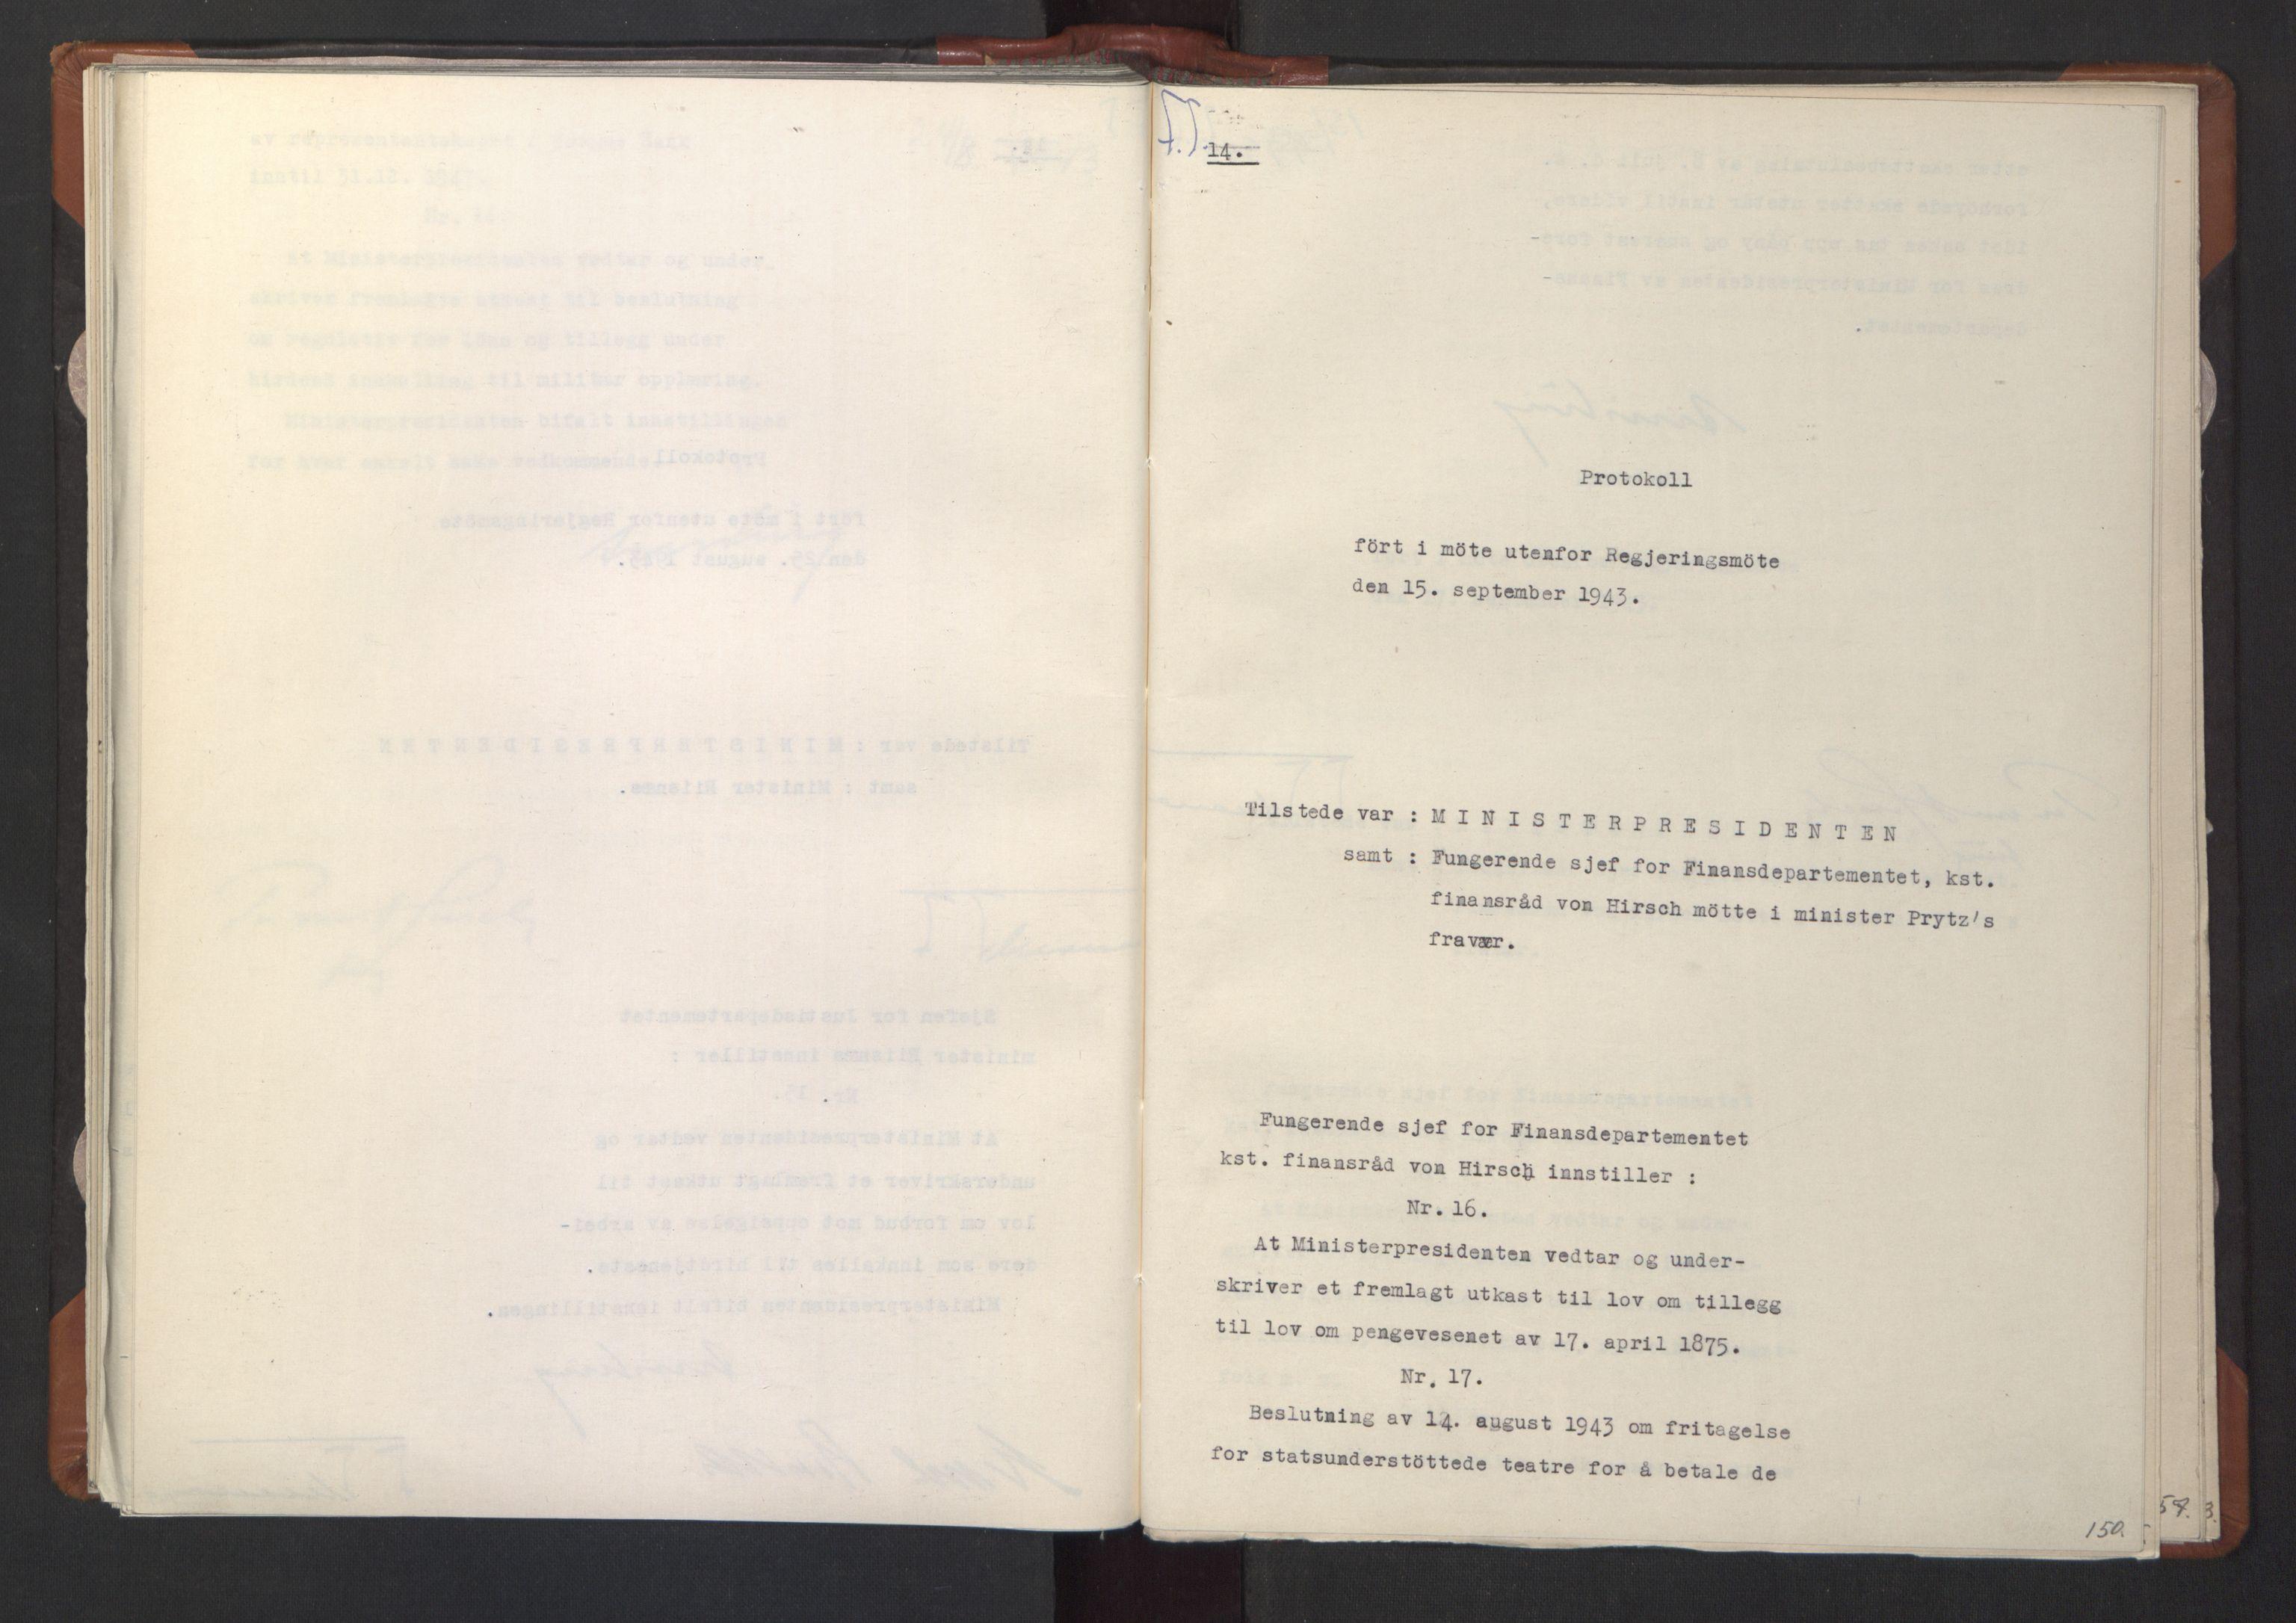 RA, NS-administrasjonen 1940-1945 (Statsrådsekretariatet, de kommisariske statsråder mm), D/Da/L0003: Vedtak (Beslutninger) nr. 1-746 og tillegg nr. 1-47 (RA. j.nr. 1394/1944, tilgangsnr. 8/1944, 1943, s. 149b-150a